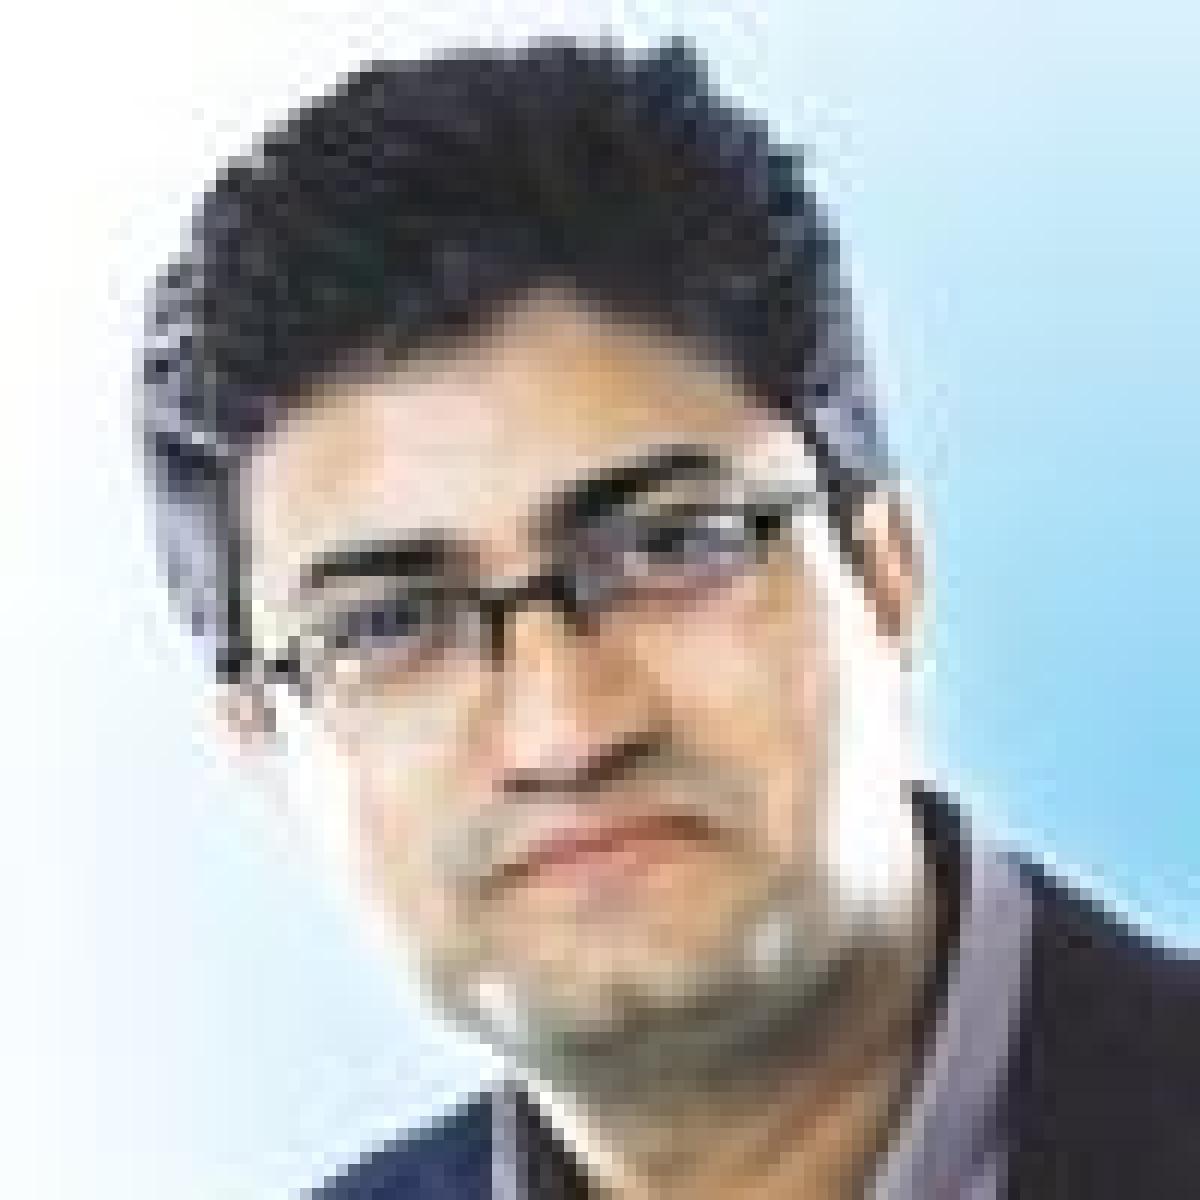 Prasoon Joshi gets a bigger role in the APAC region